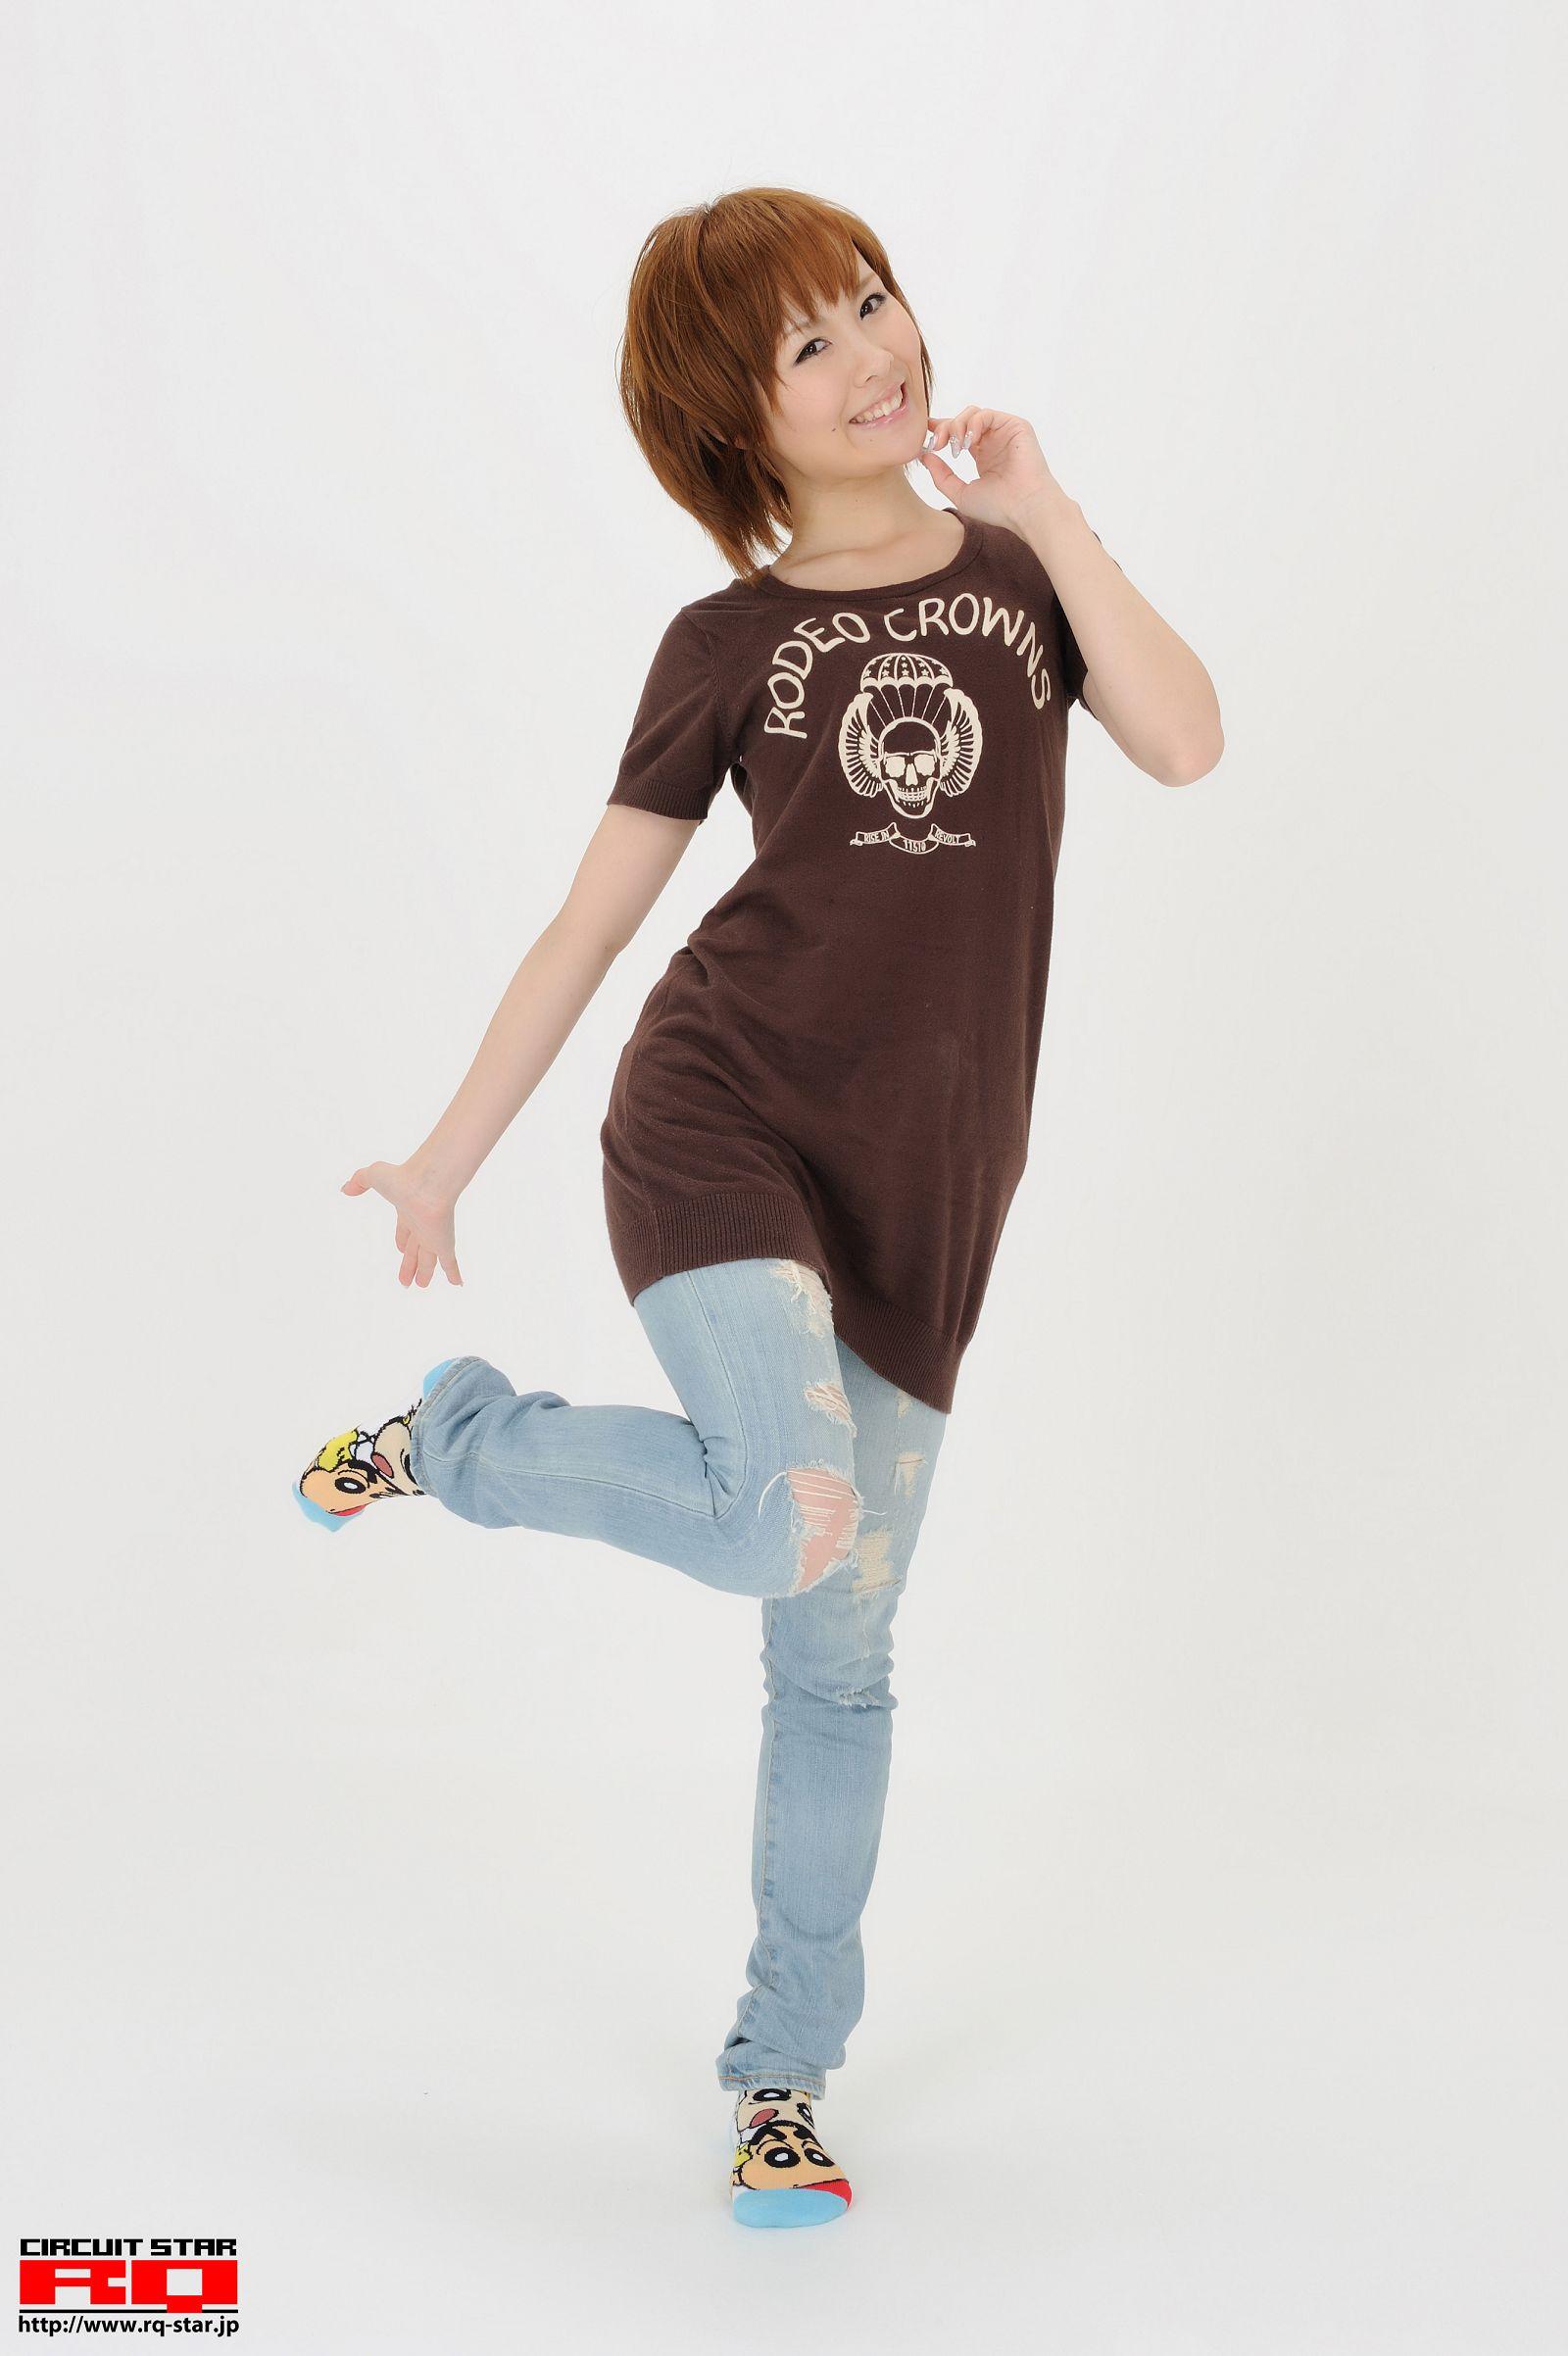 [RQ STAR美女] NO.00480 Sayu Kuramochi 倉持さゆ Private Dress[95P] RQ STAR 第3张